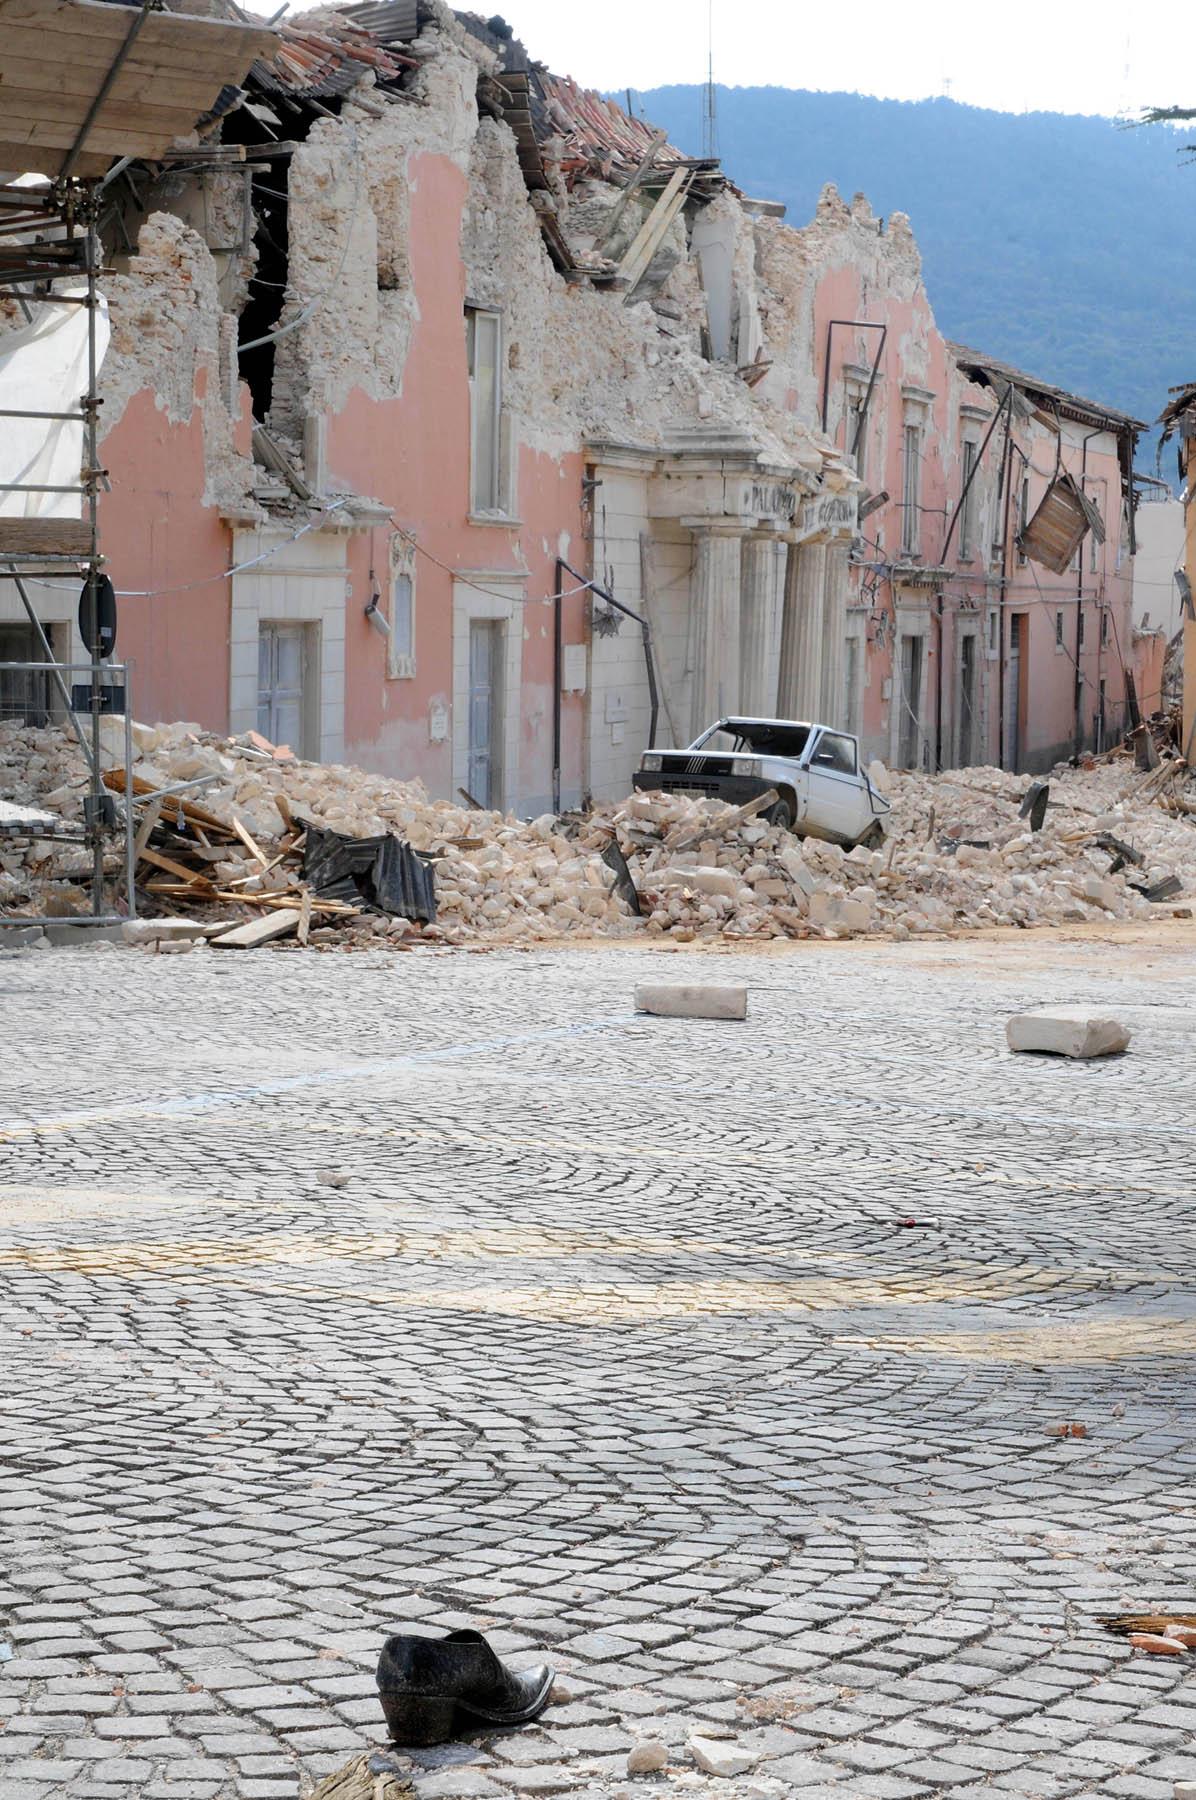 L'Aquila 6 Aprile 2009